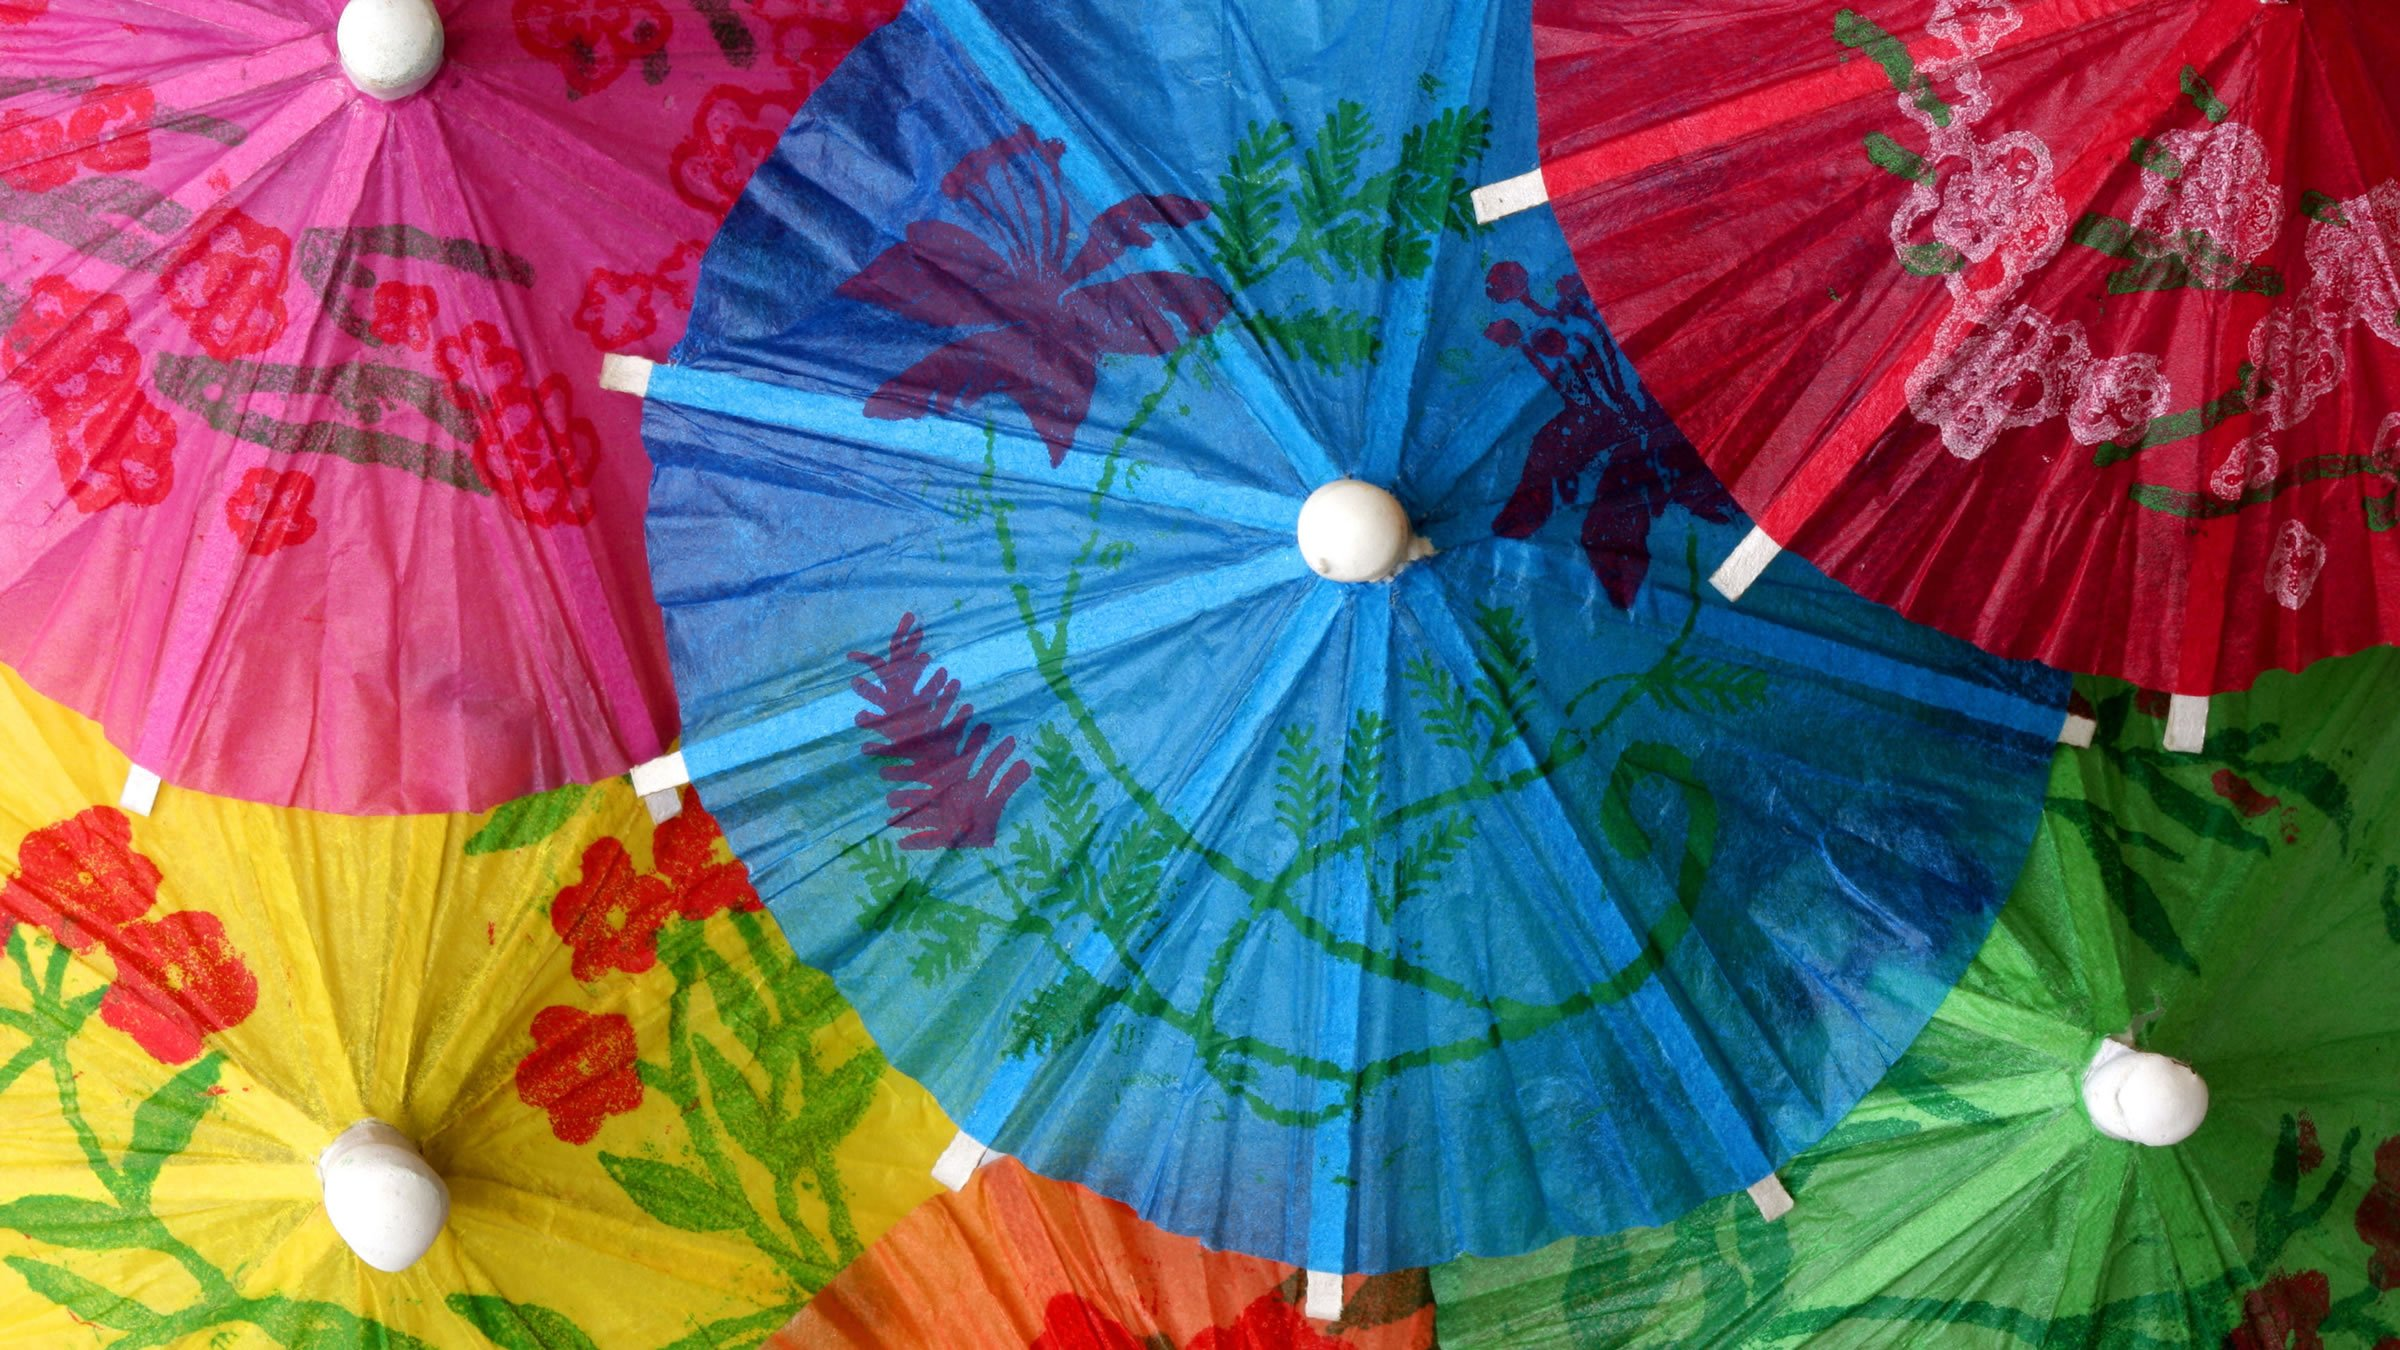 El significado de los colores en china - Que dias dan mala suerte en la cultura china ...